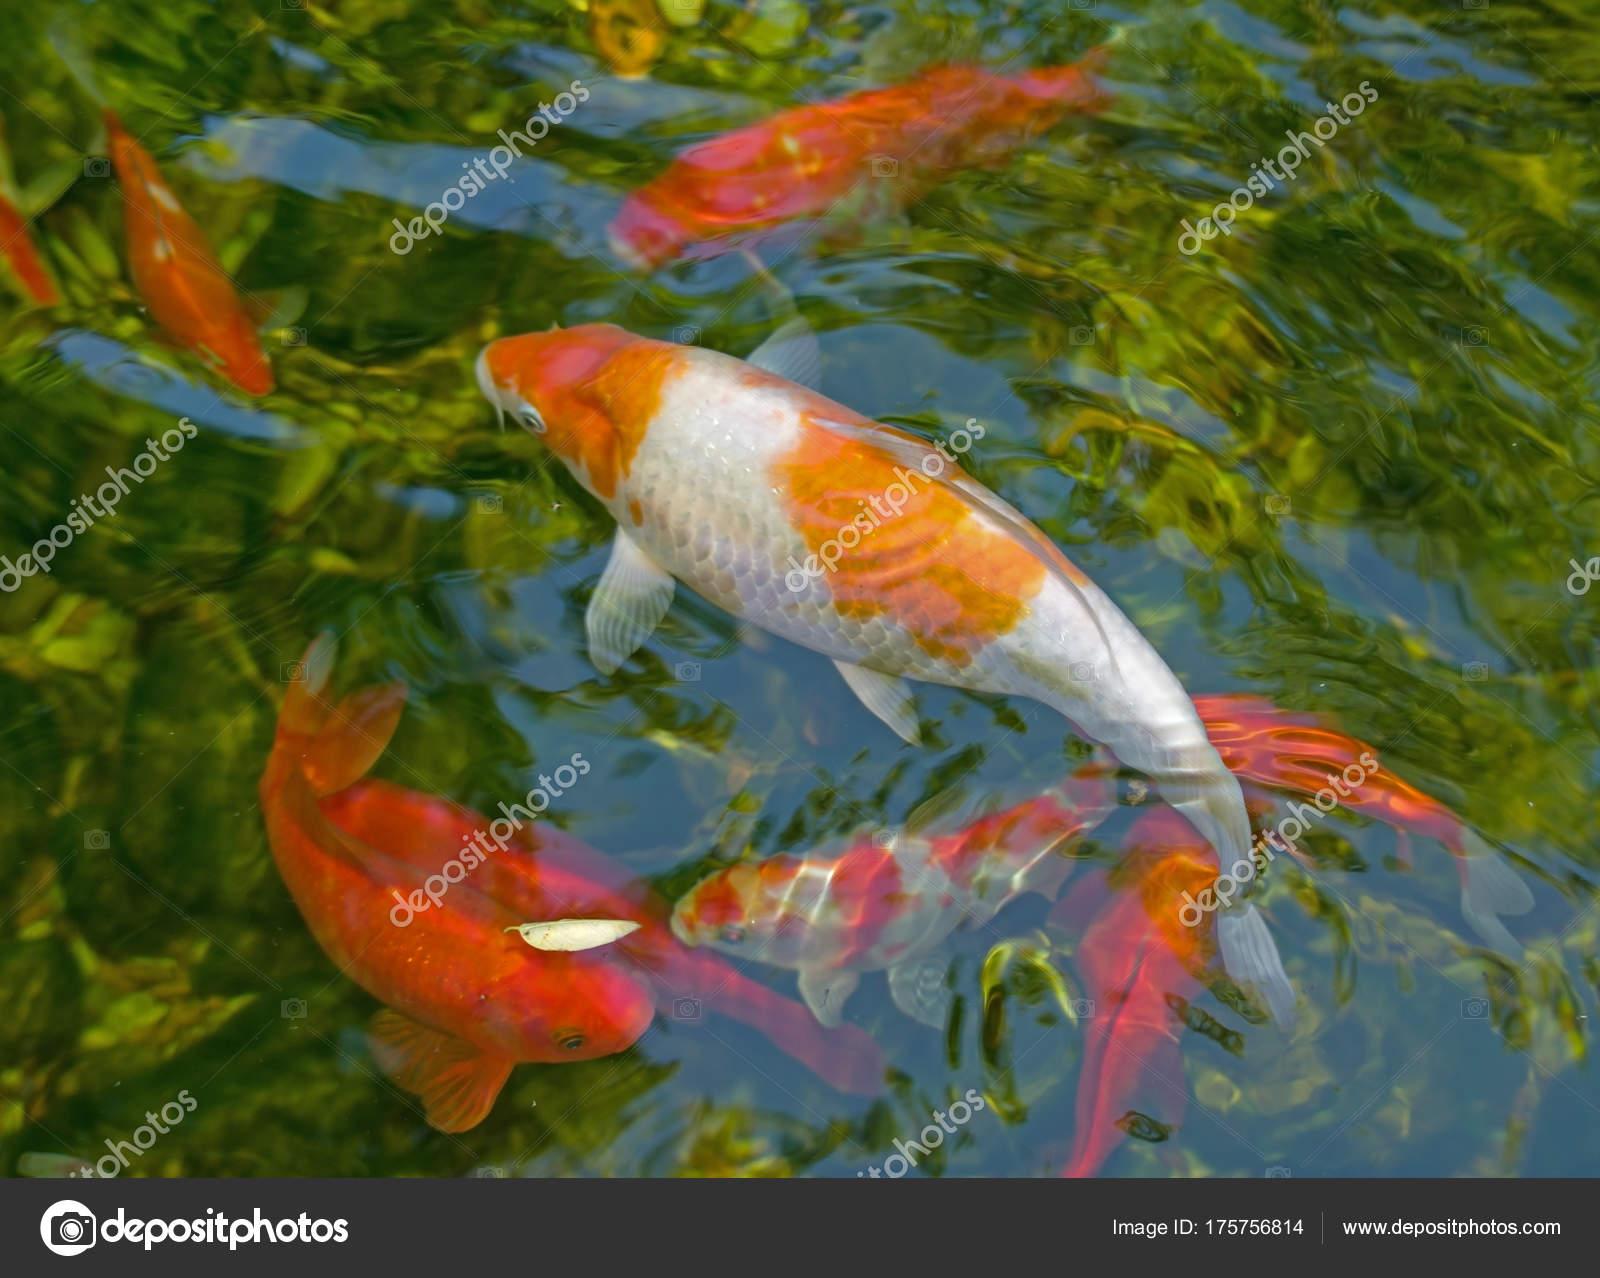 Peces tropicales de acuario foto de stock vega 240 for Temperatura para peces tropicales acuario